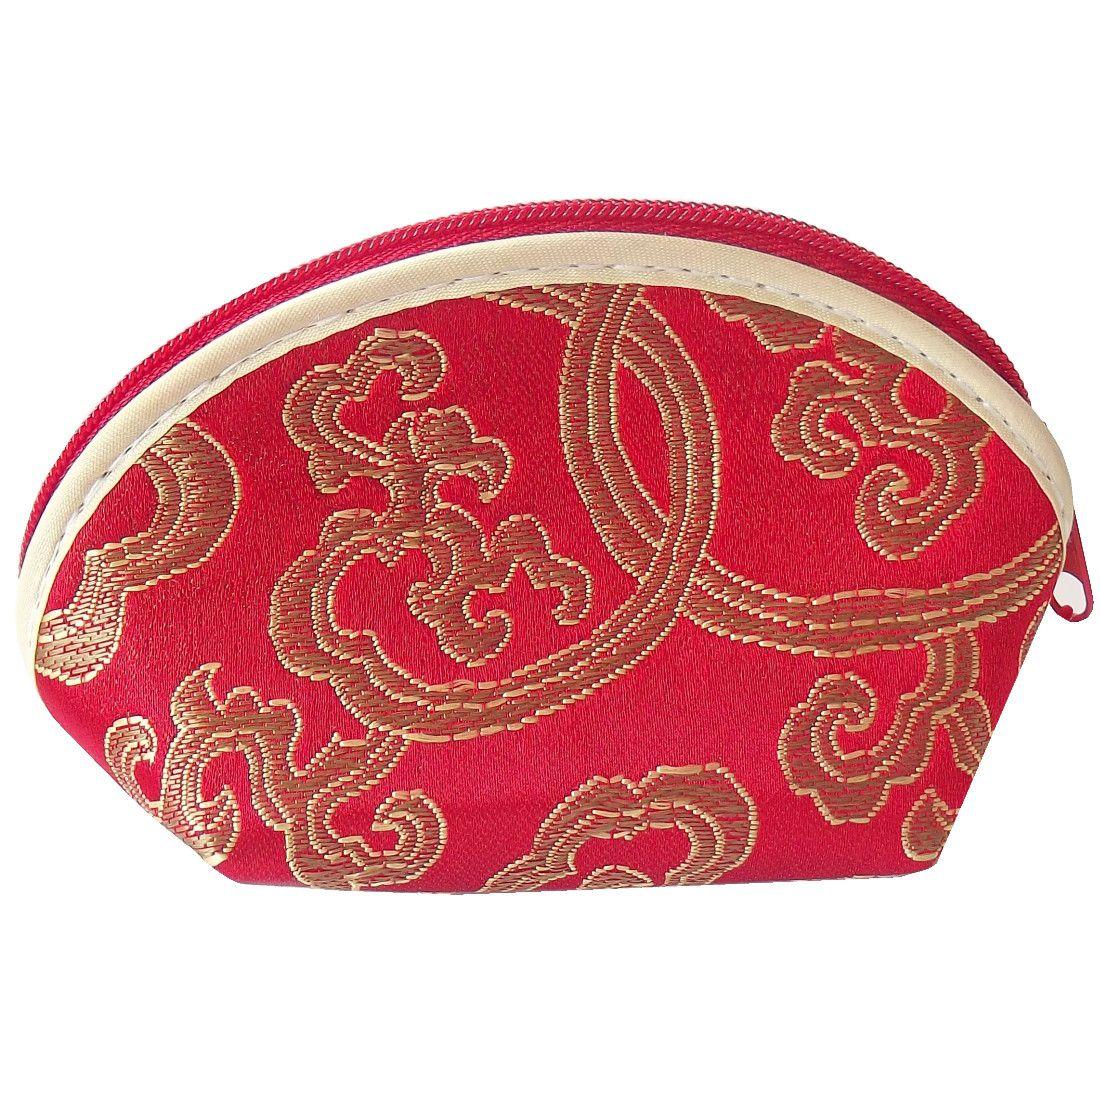 Moksh Red Wallet